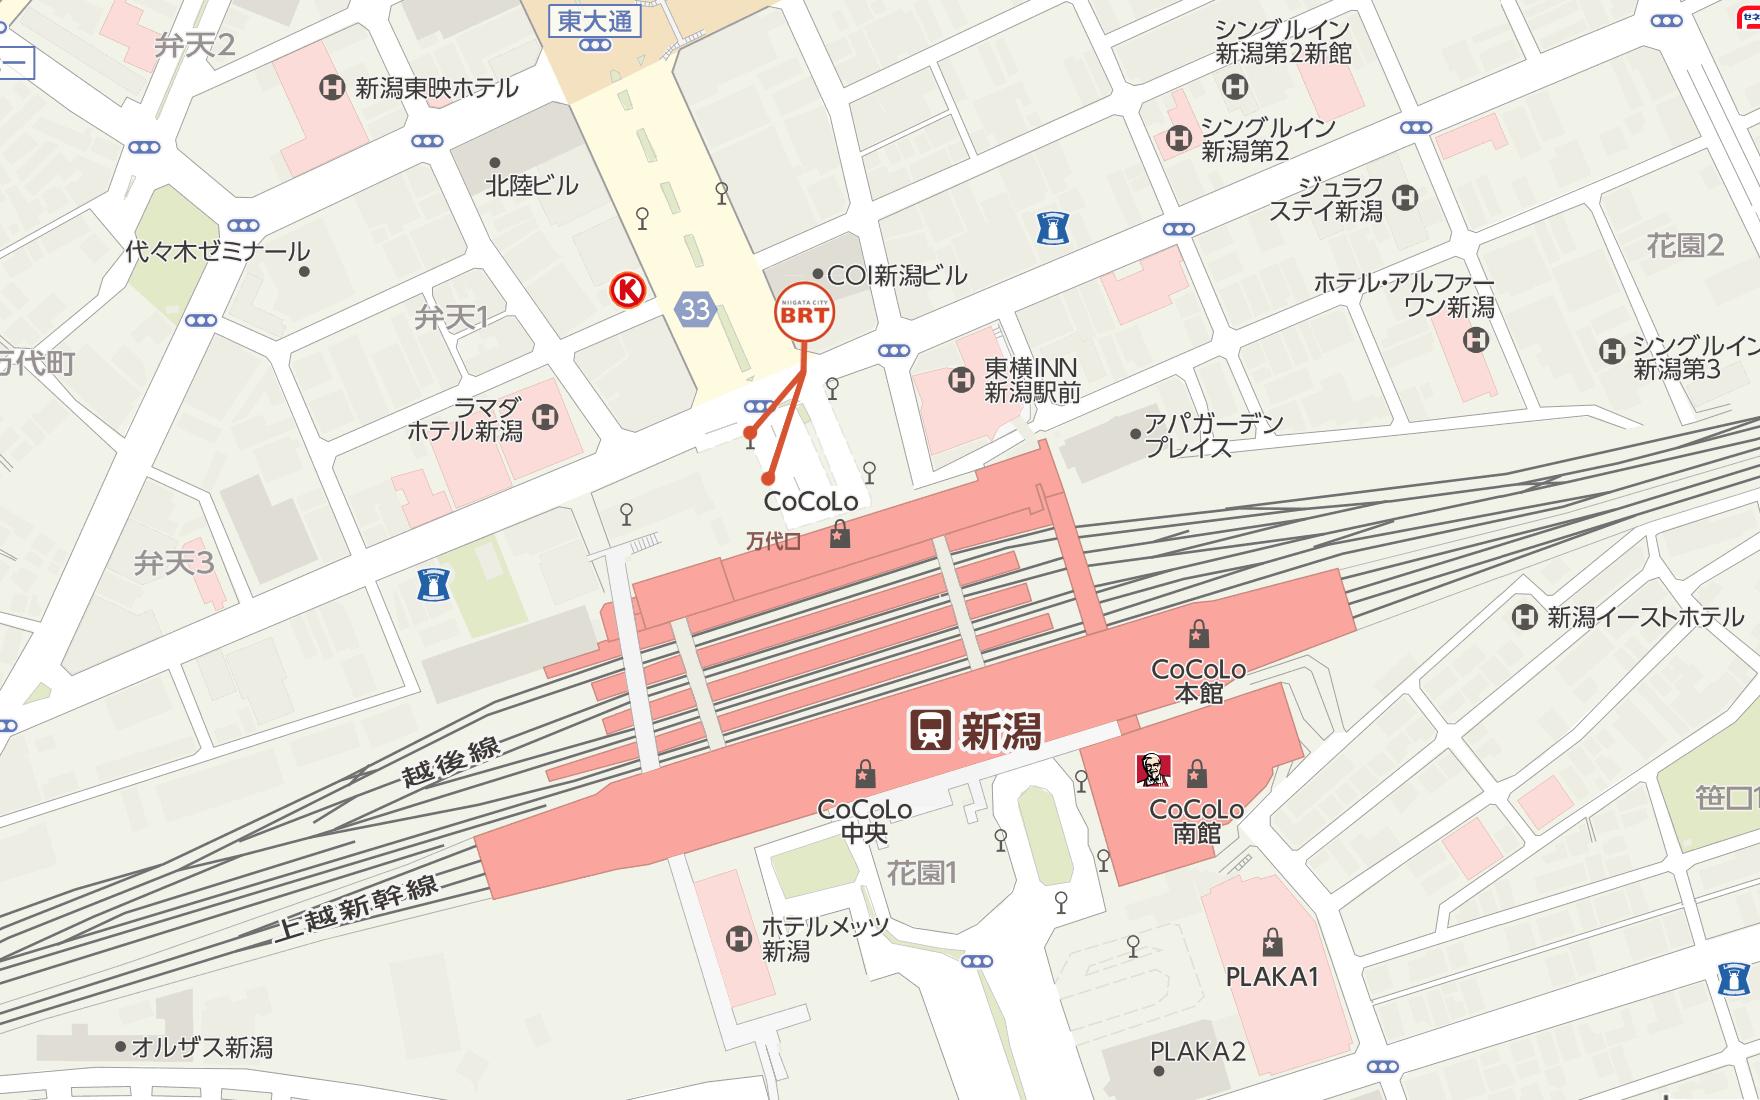 新潟市BRT新潟駅前 バス停の位置